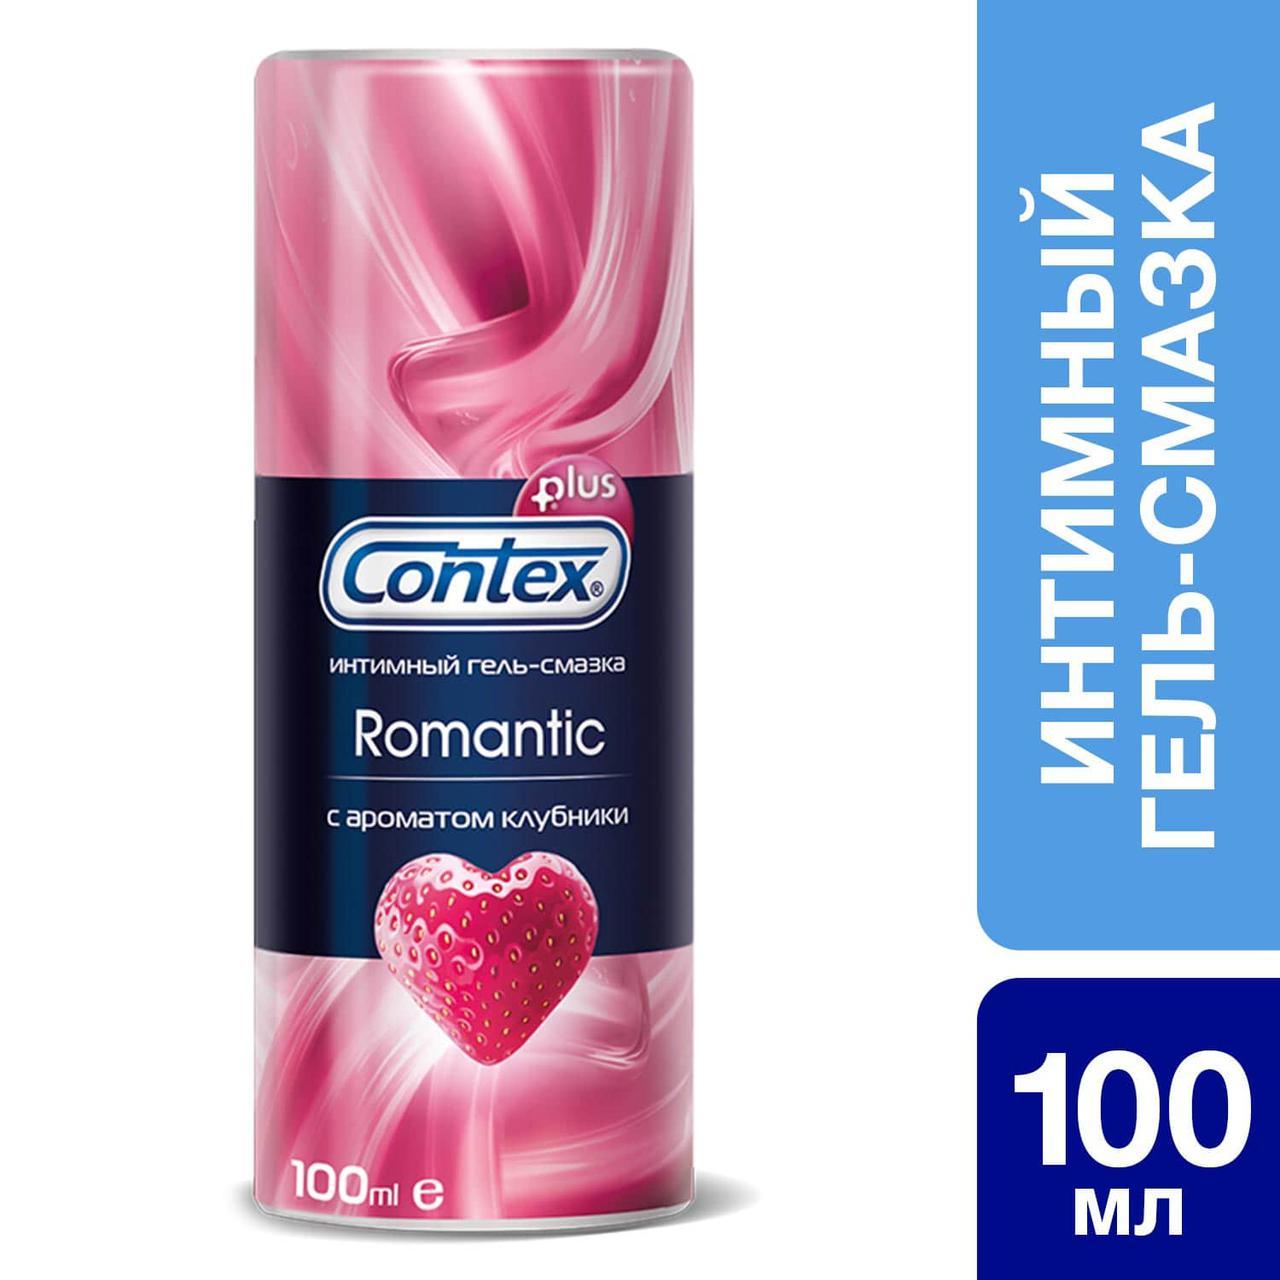 Интимный гель-смазка Contex® Romantic с ароматом клубники 100 мл